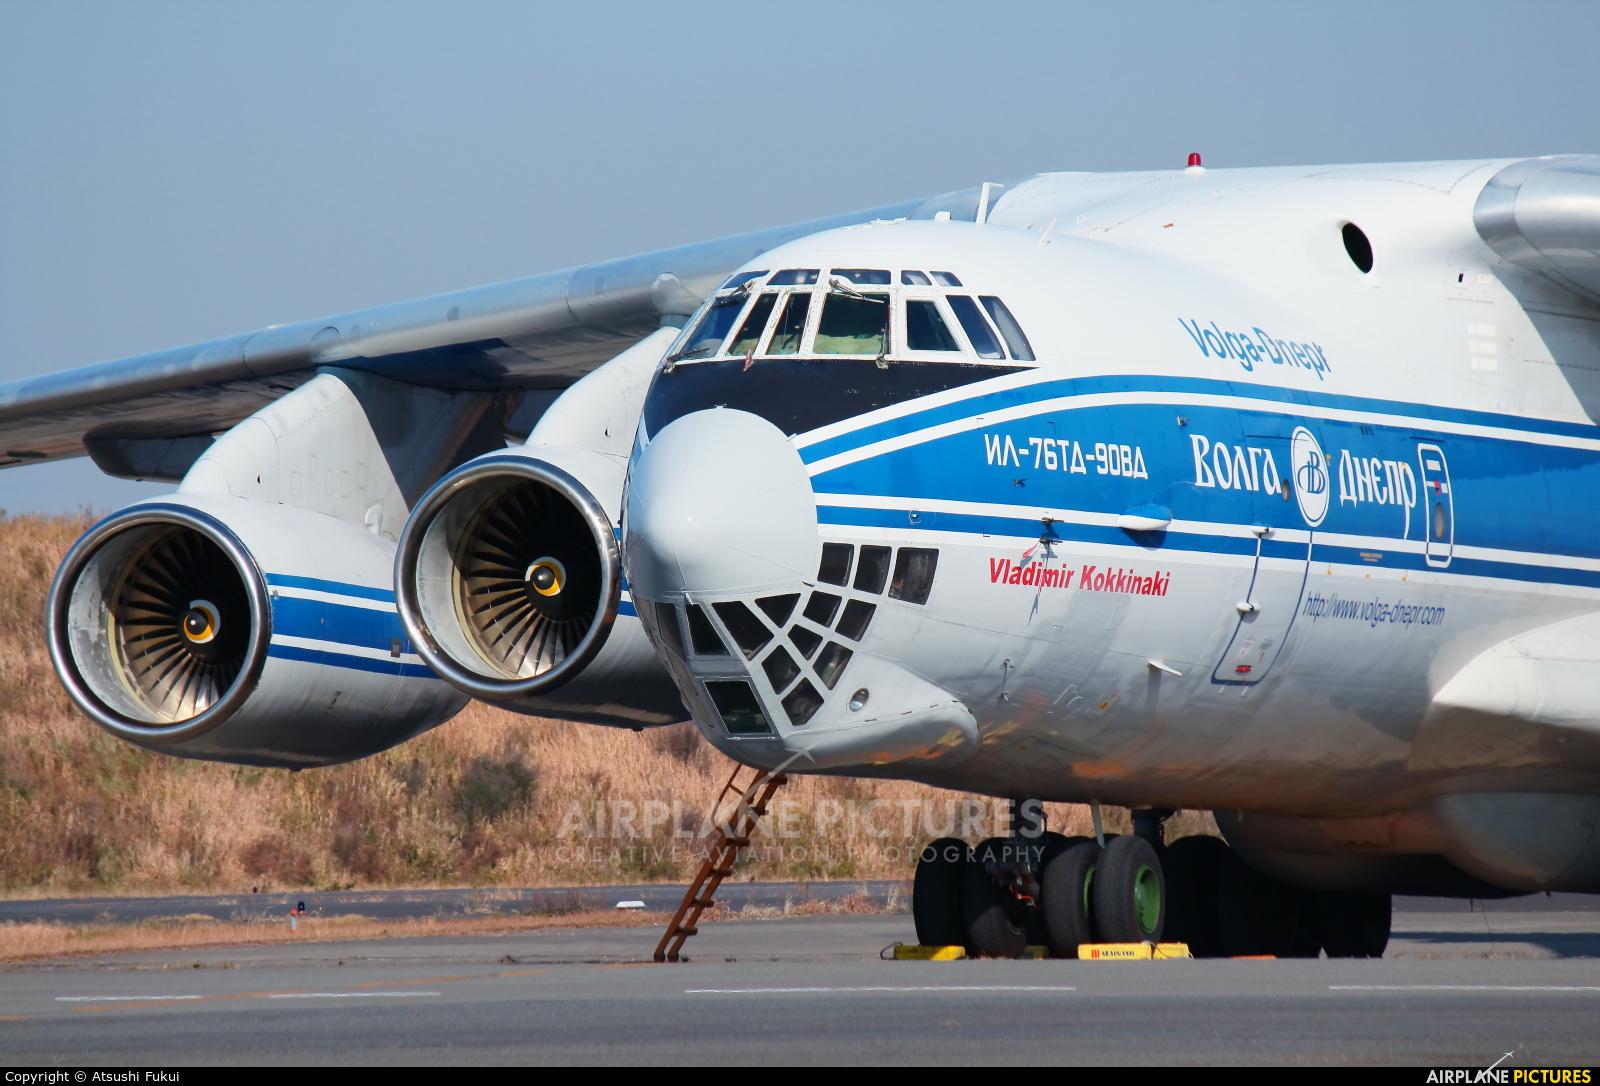 Volga Dnepr Airlines RA-76950 aircraft at Tokyo - Haneda Intl